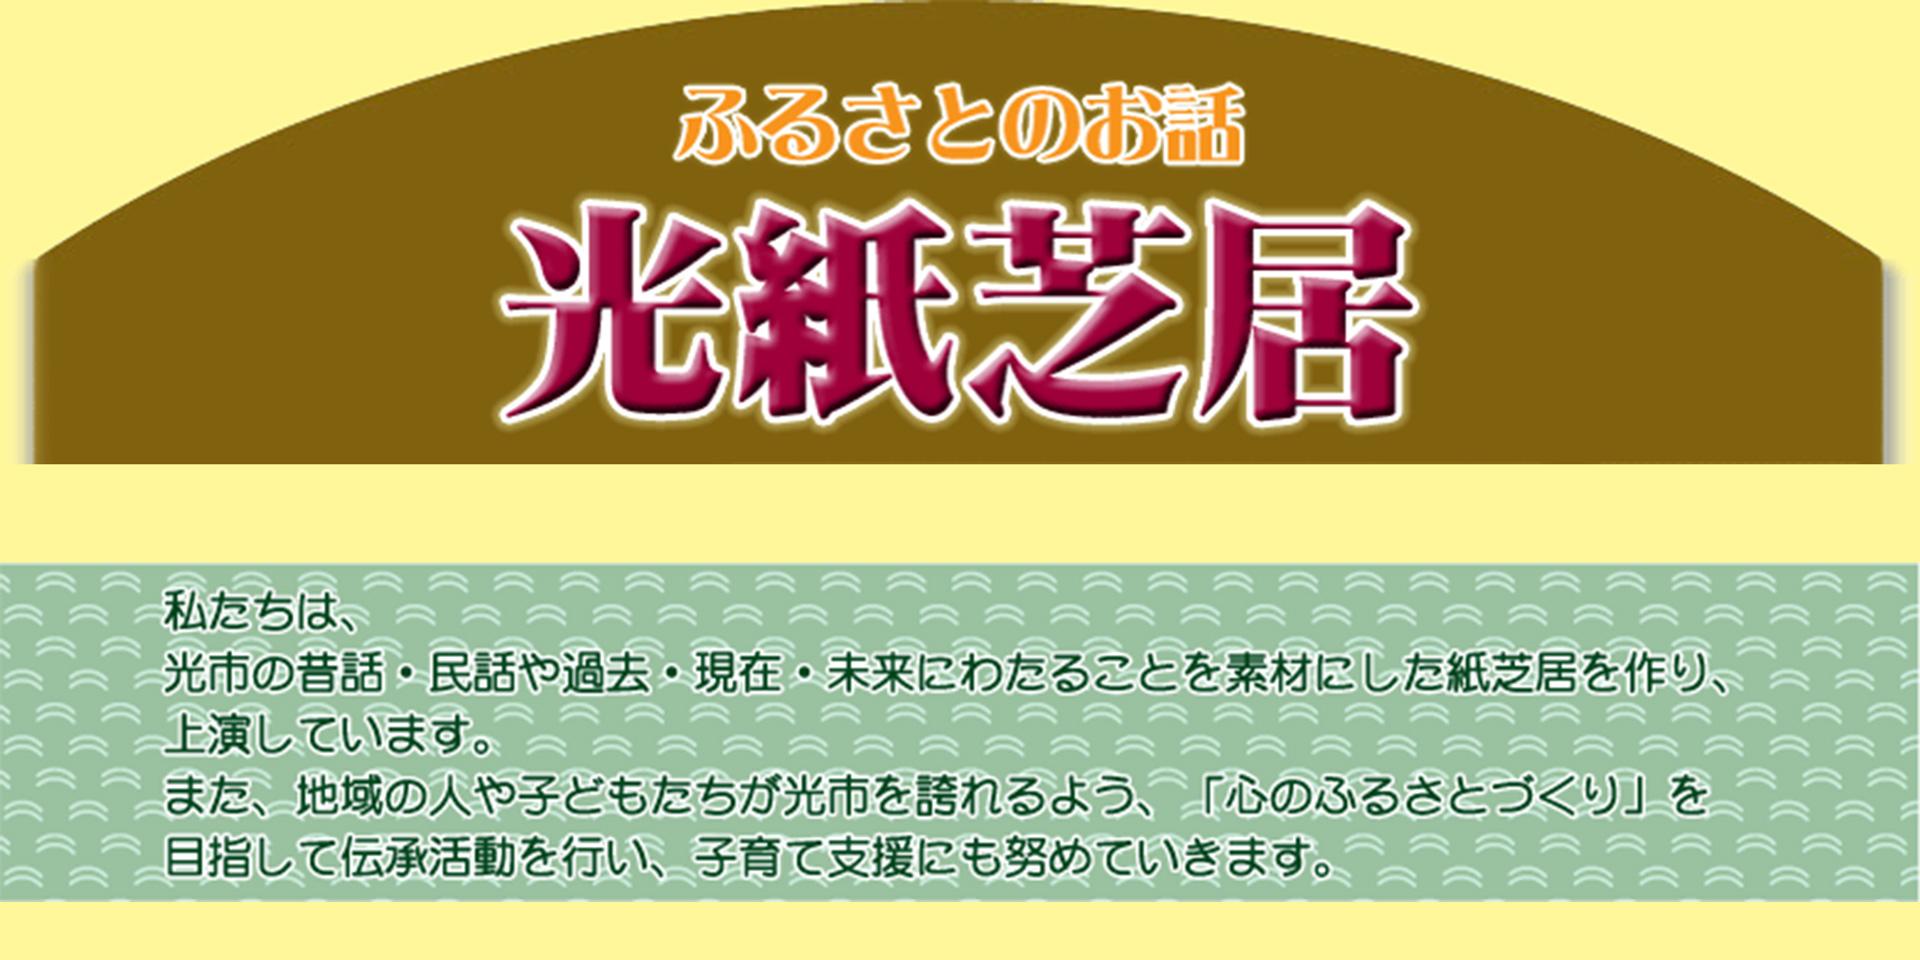 光紙芝居(定期上演 ゆーぱーく光)